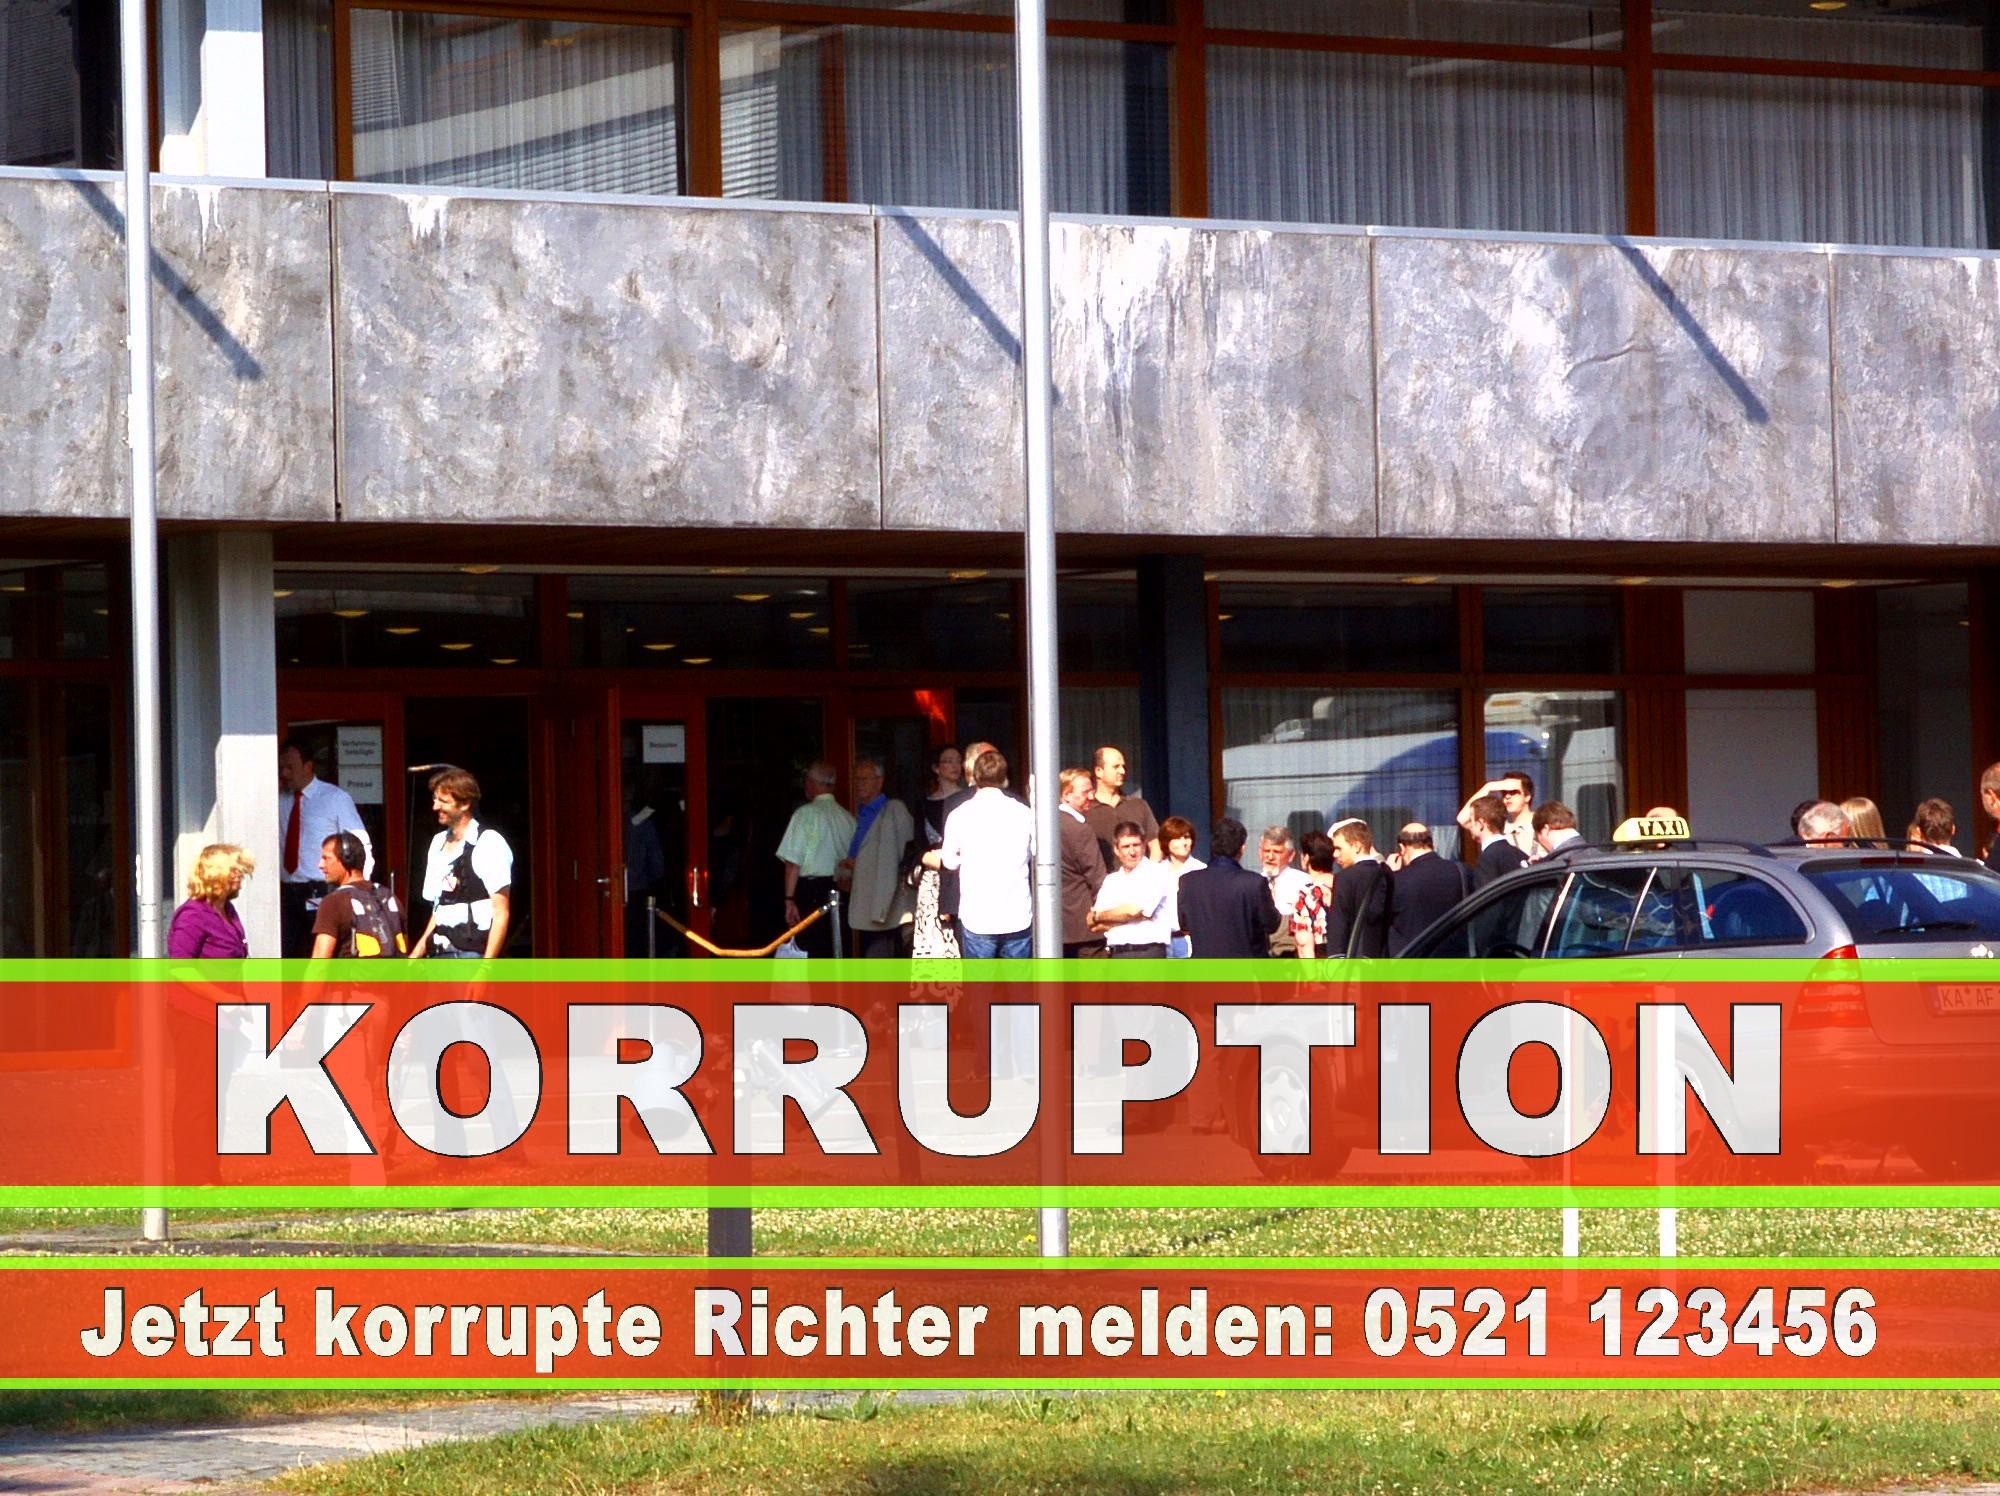 Bundesverfassungsgericht Karlsruhe Richter Korruption Aufgaben Urteile Termine Anfahrt Bilder Fotos Adresse Telefon (7)